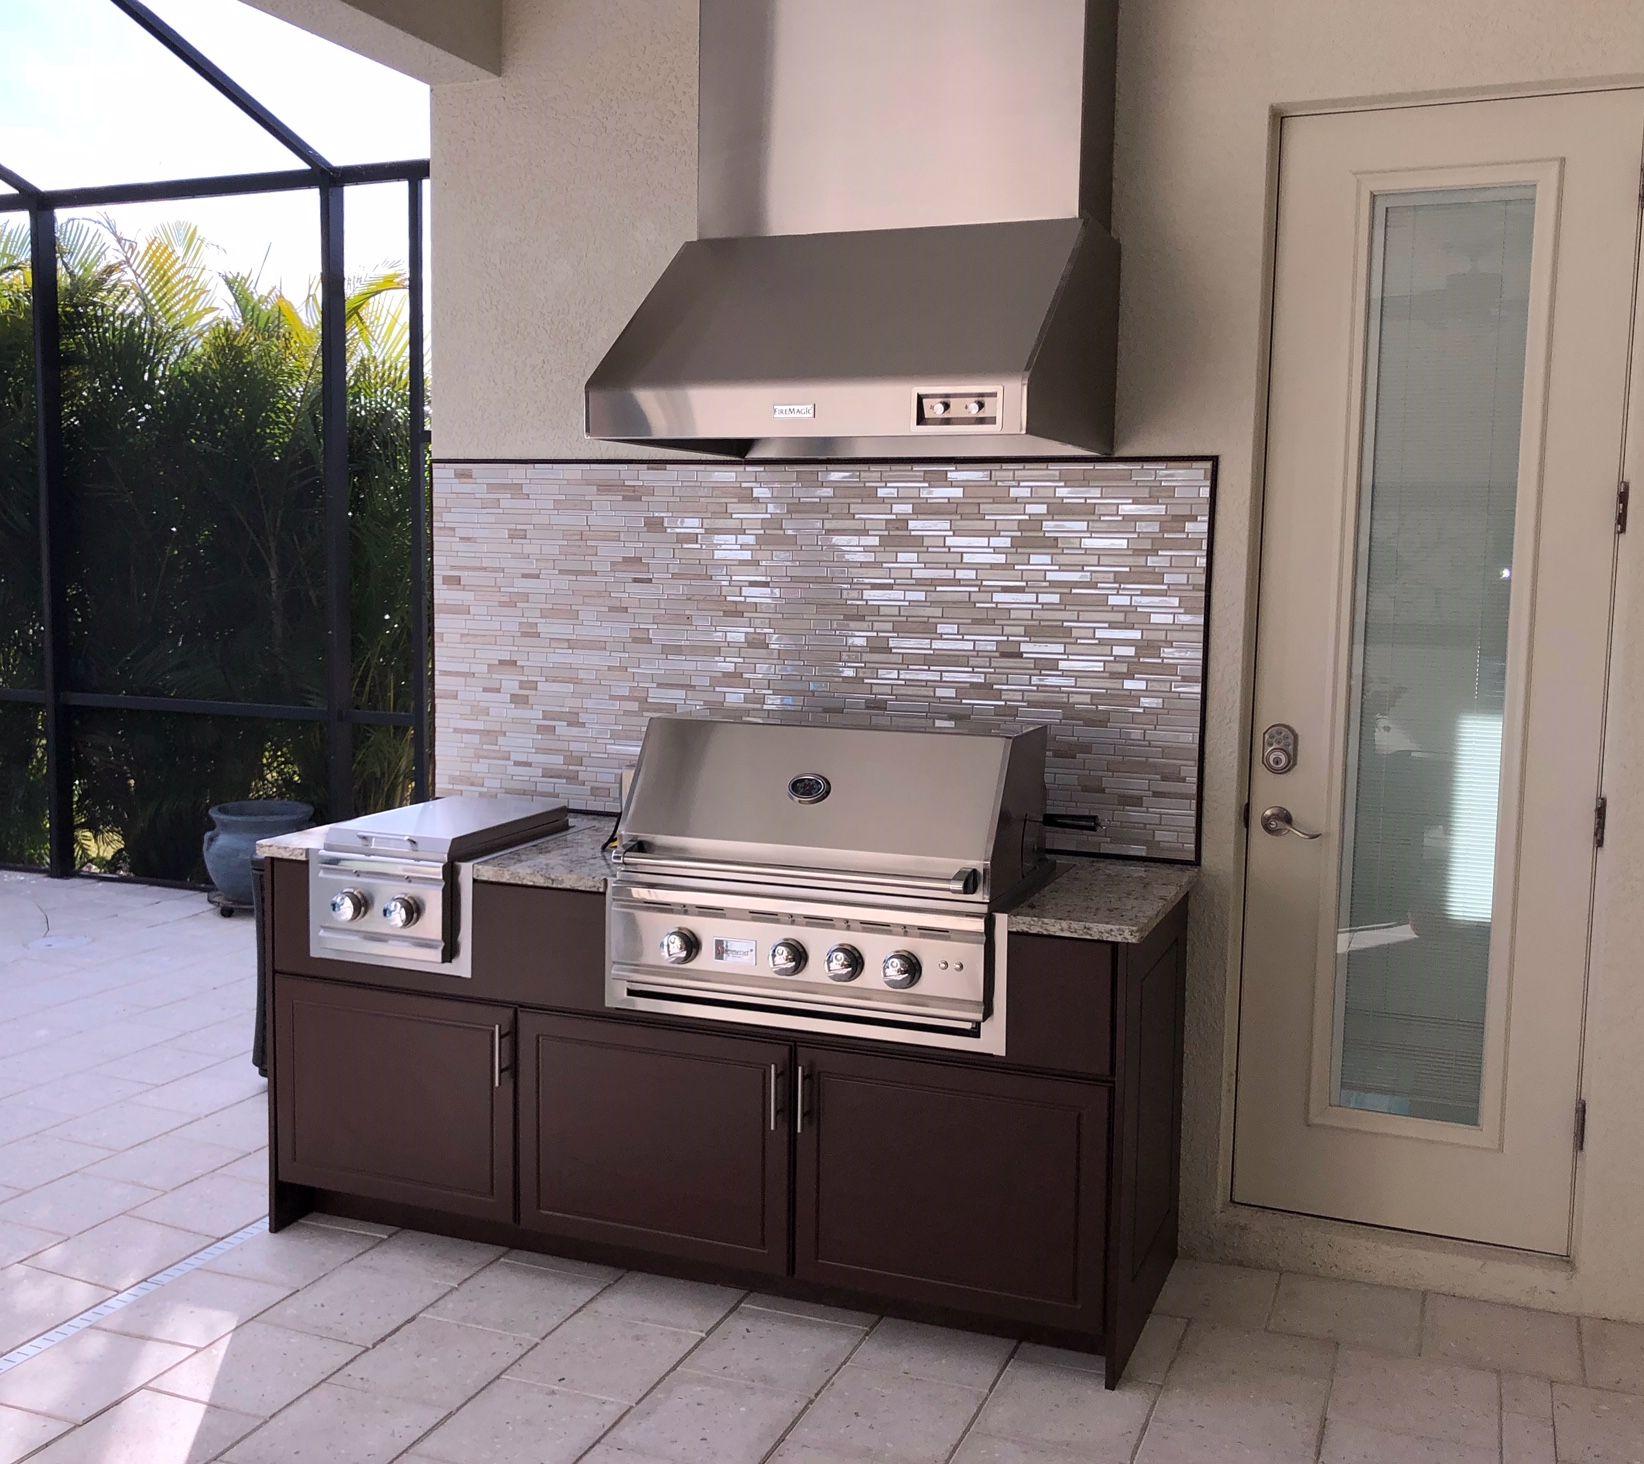 Brown Outdoor Kitchen With Backsplash Kitchen Backsplash Brown Kitchens Outdoor Kitchen